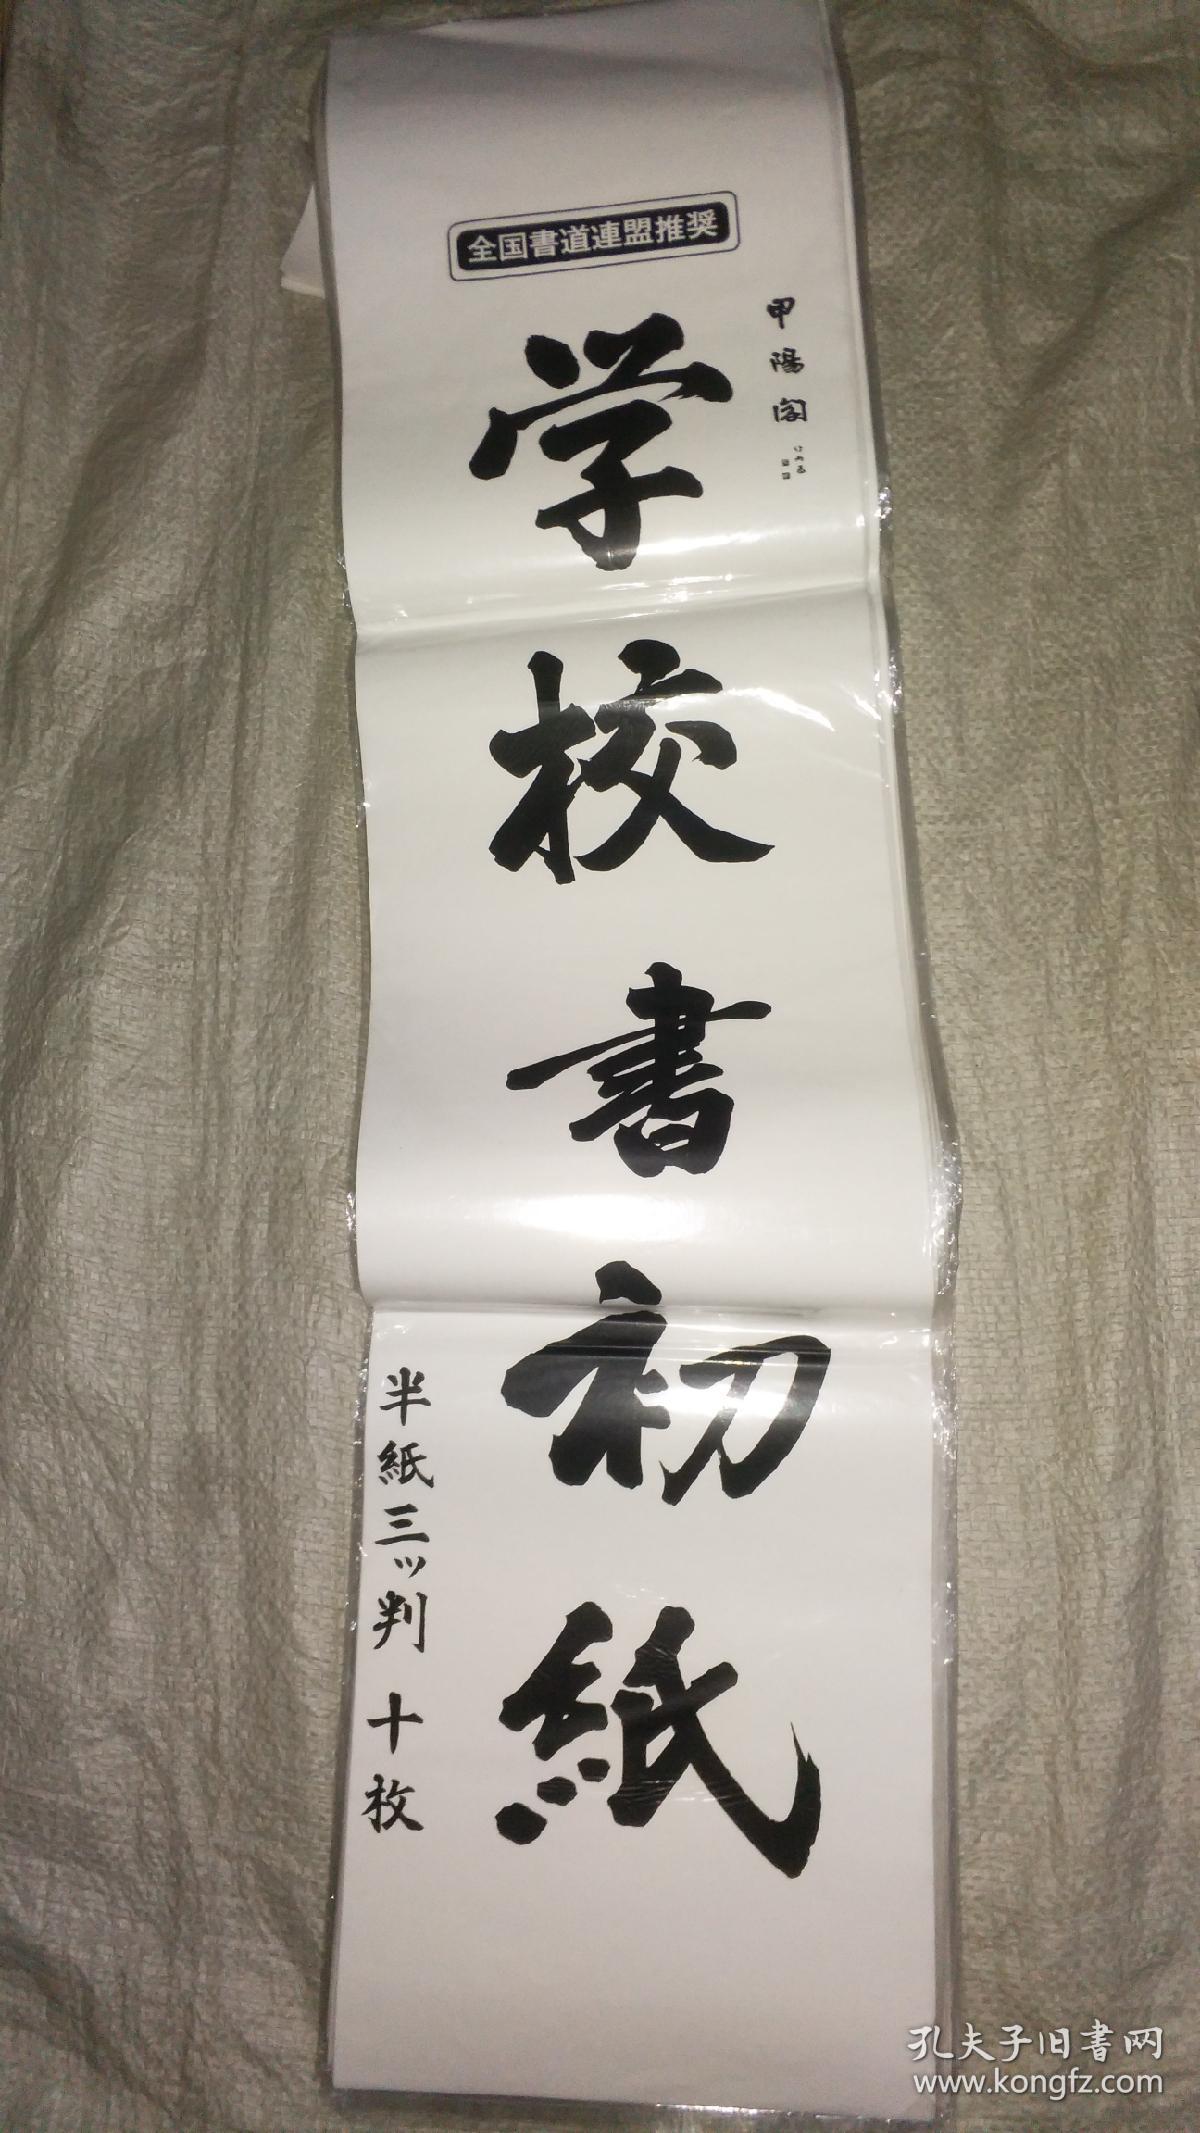 存放约三十年左右老纸。日本书道联盟推奖《初试纸》170张(17包x10张)。半生熟。尺寸:100,24.5。